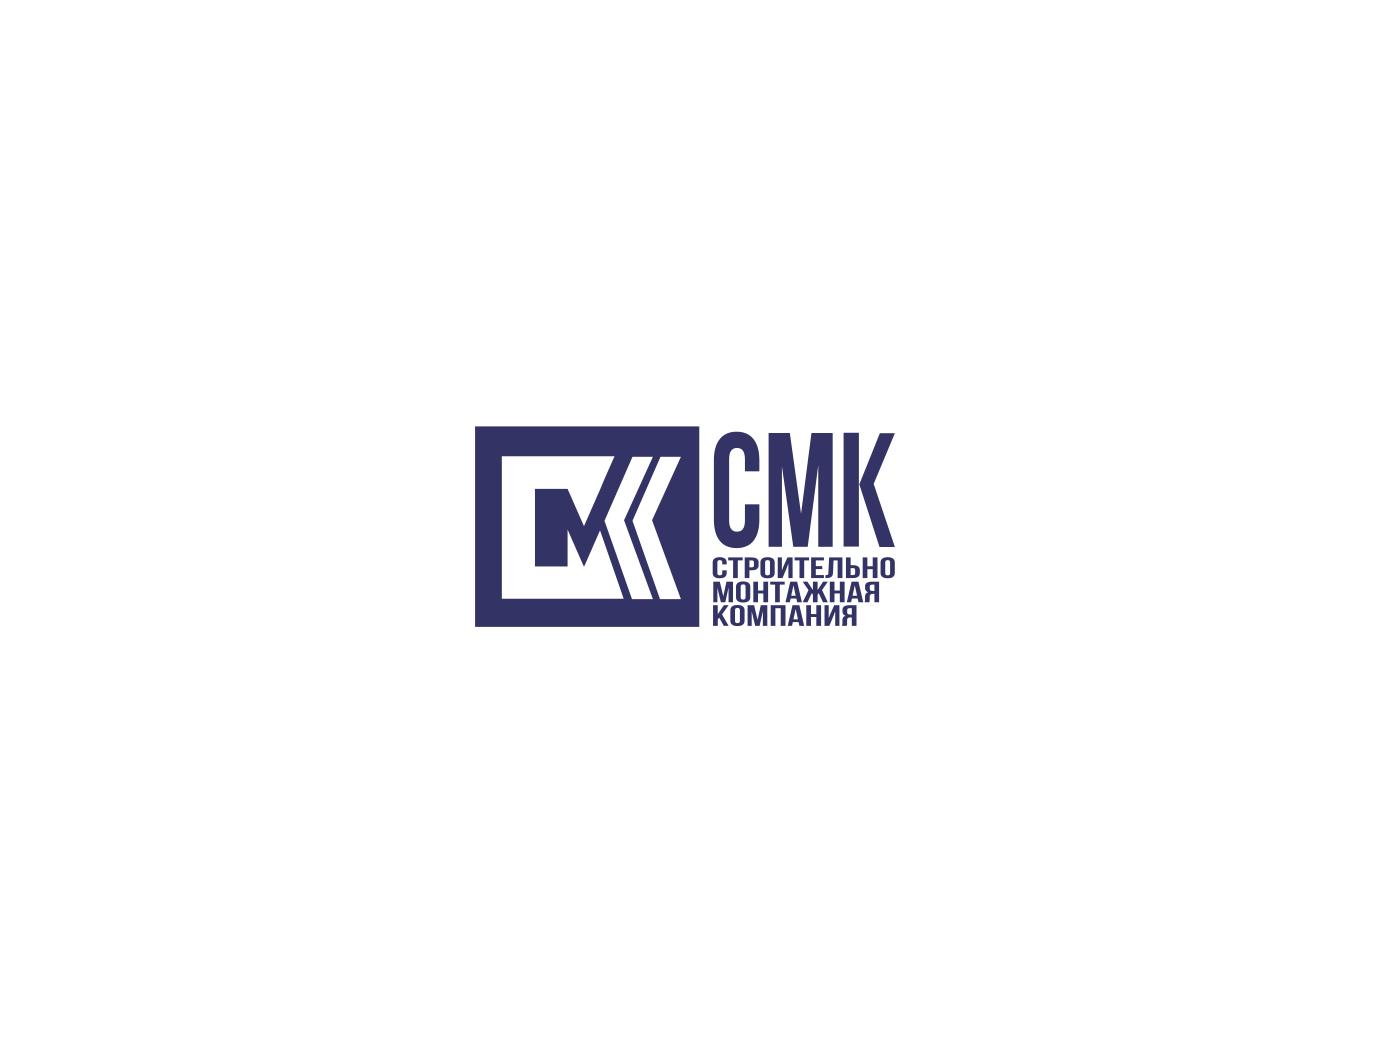 Разработка логотипа компании фото f_4395ddd24fa96052.png